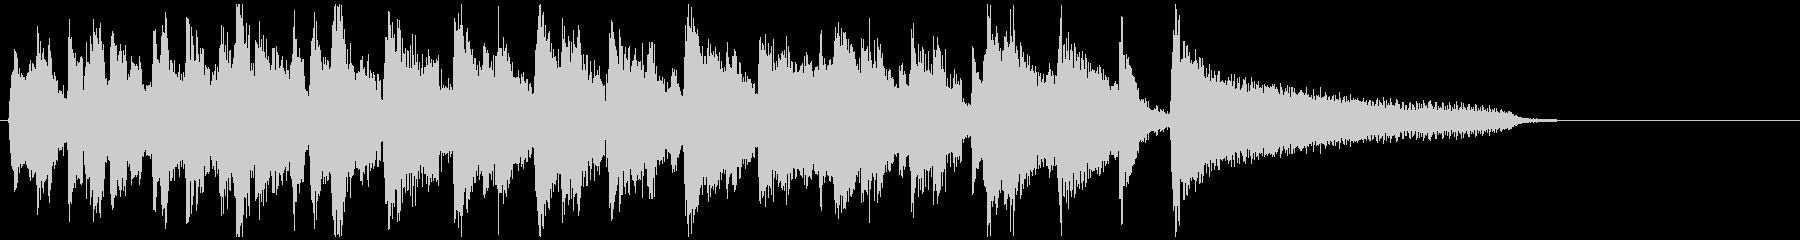 15秒CM向けの明るいジャズ、スイングの未再生の波形